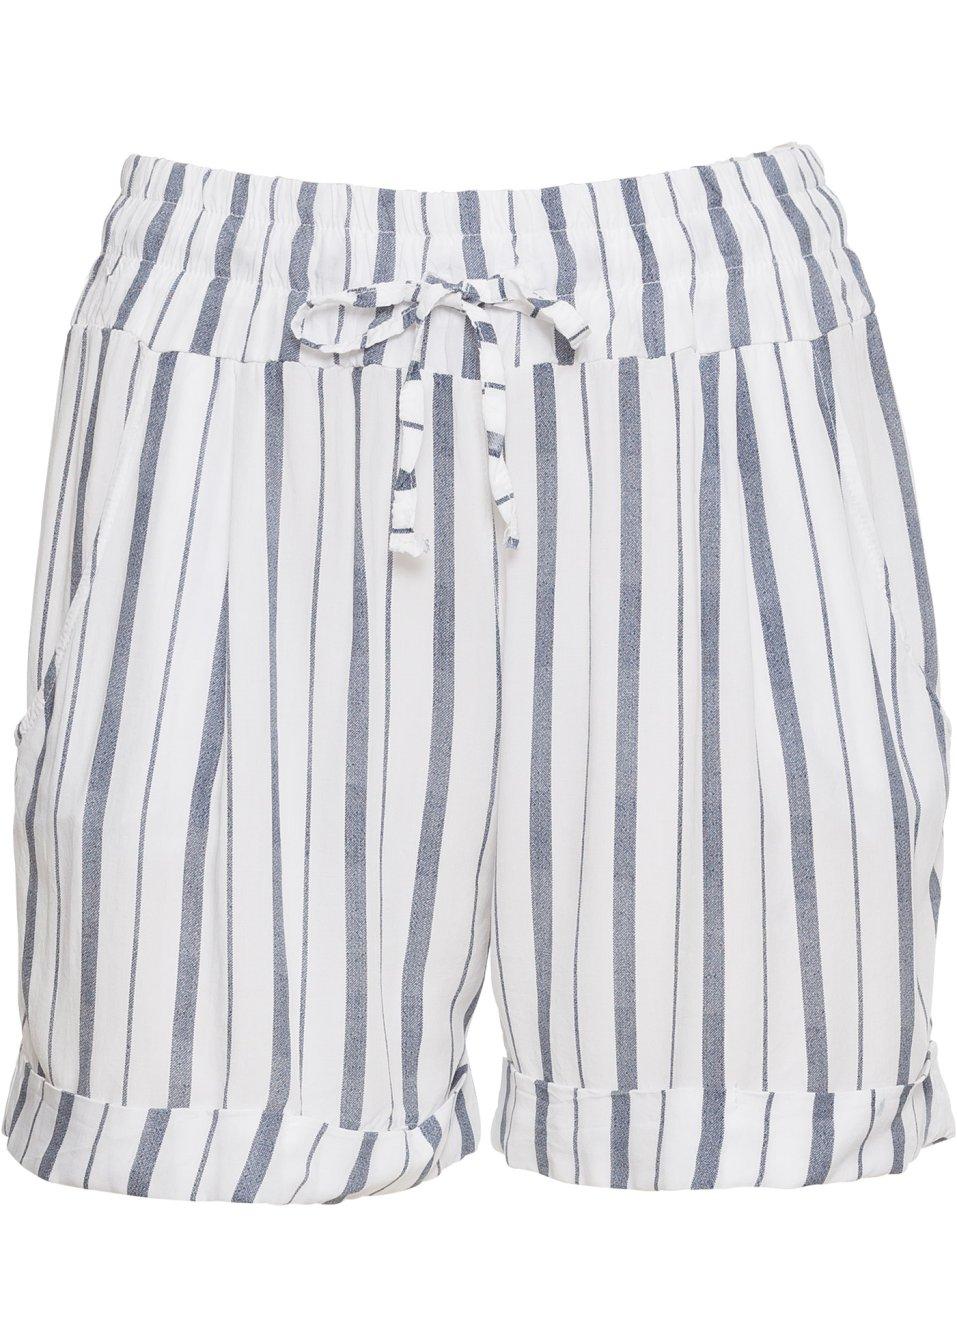 charmante shorts mit beinaufschlag wei blau gestreift. Black Bedroom Furniture Sets. Home Design Ideas